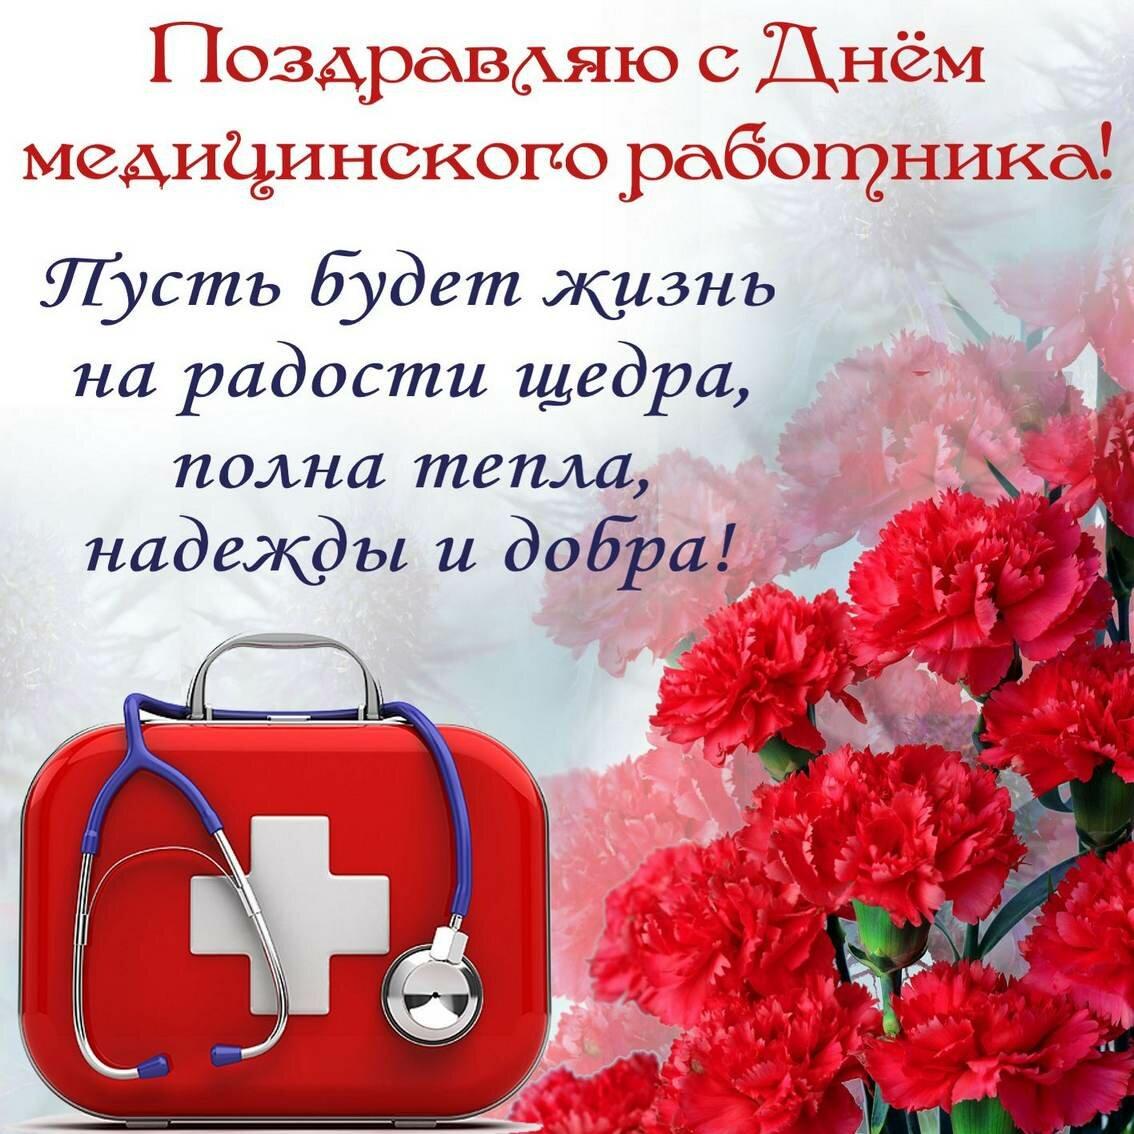 Размер, картинки день медицинского работника поздравления